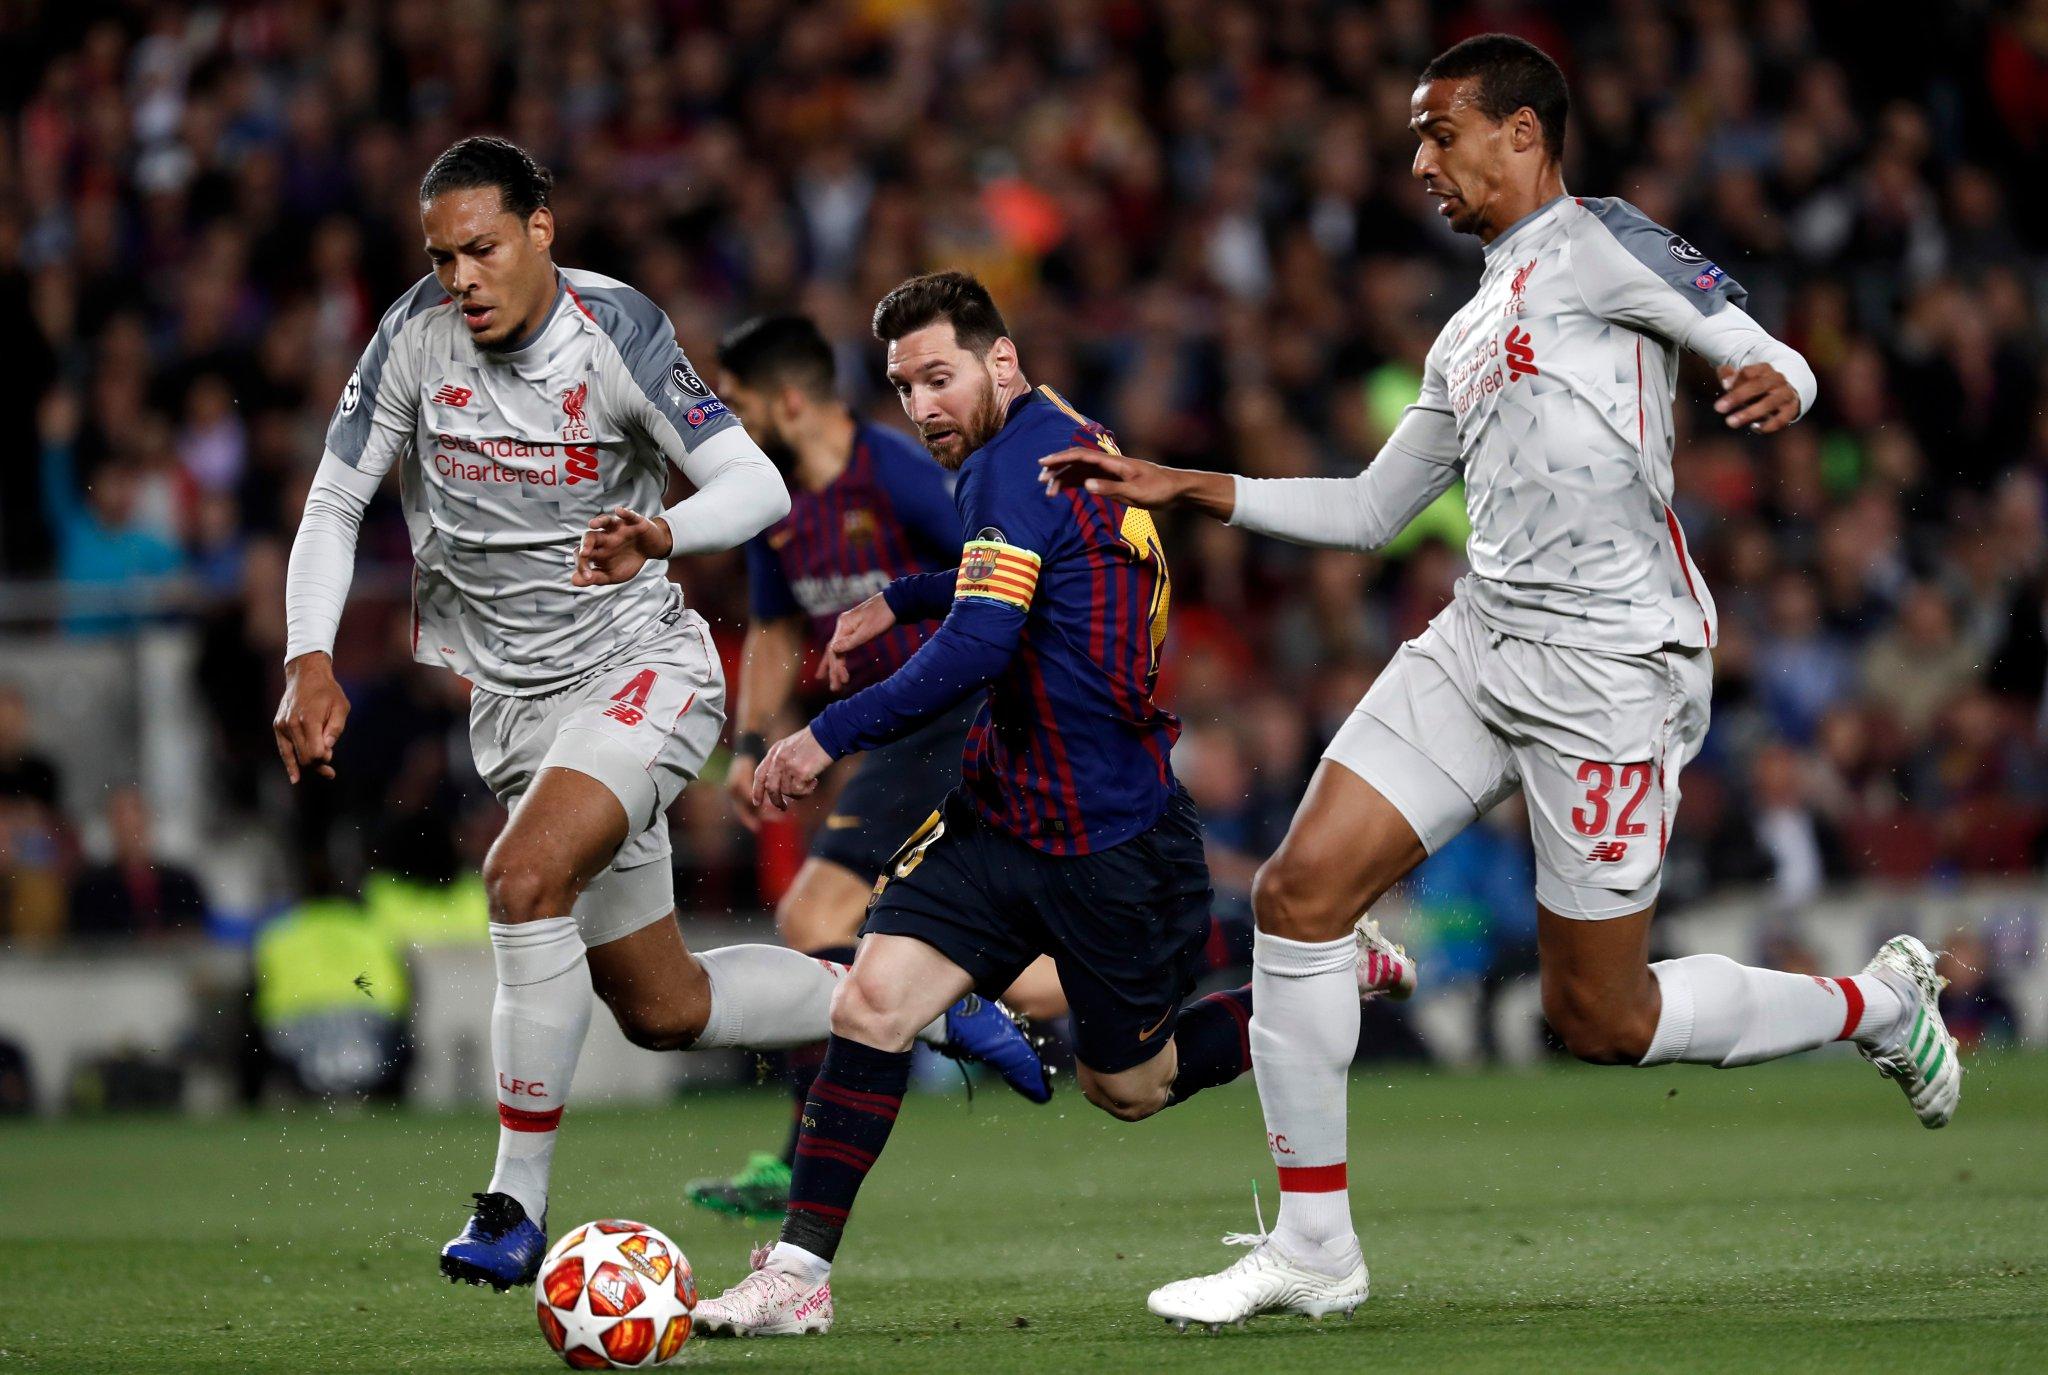 Футбол Атлетик - Барселона 16.08.19 прямая трансляция